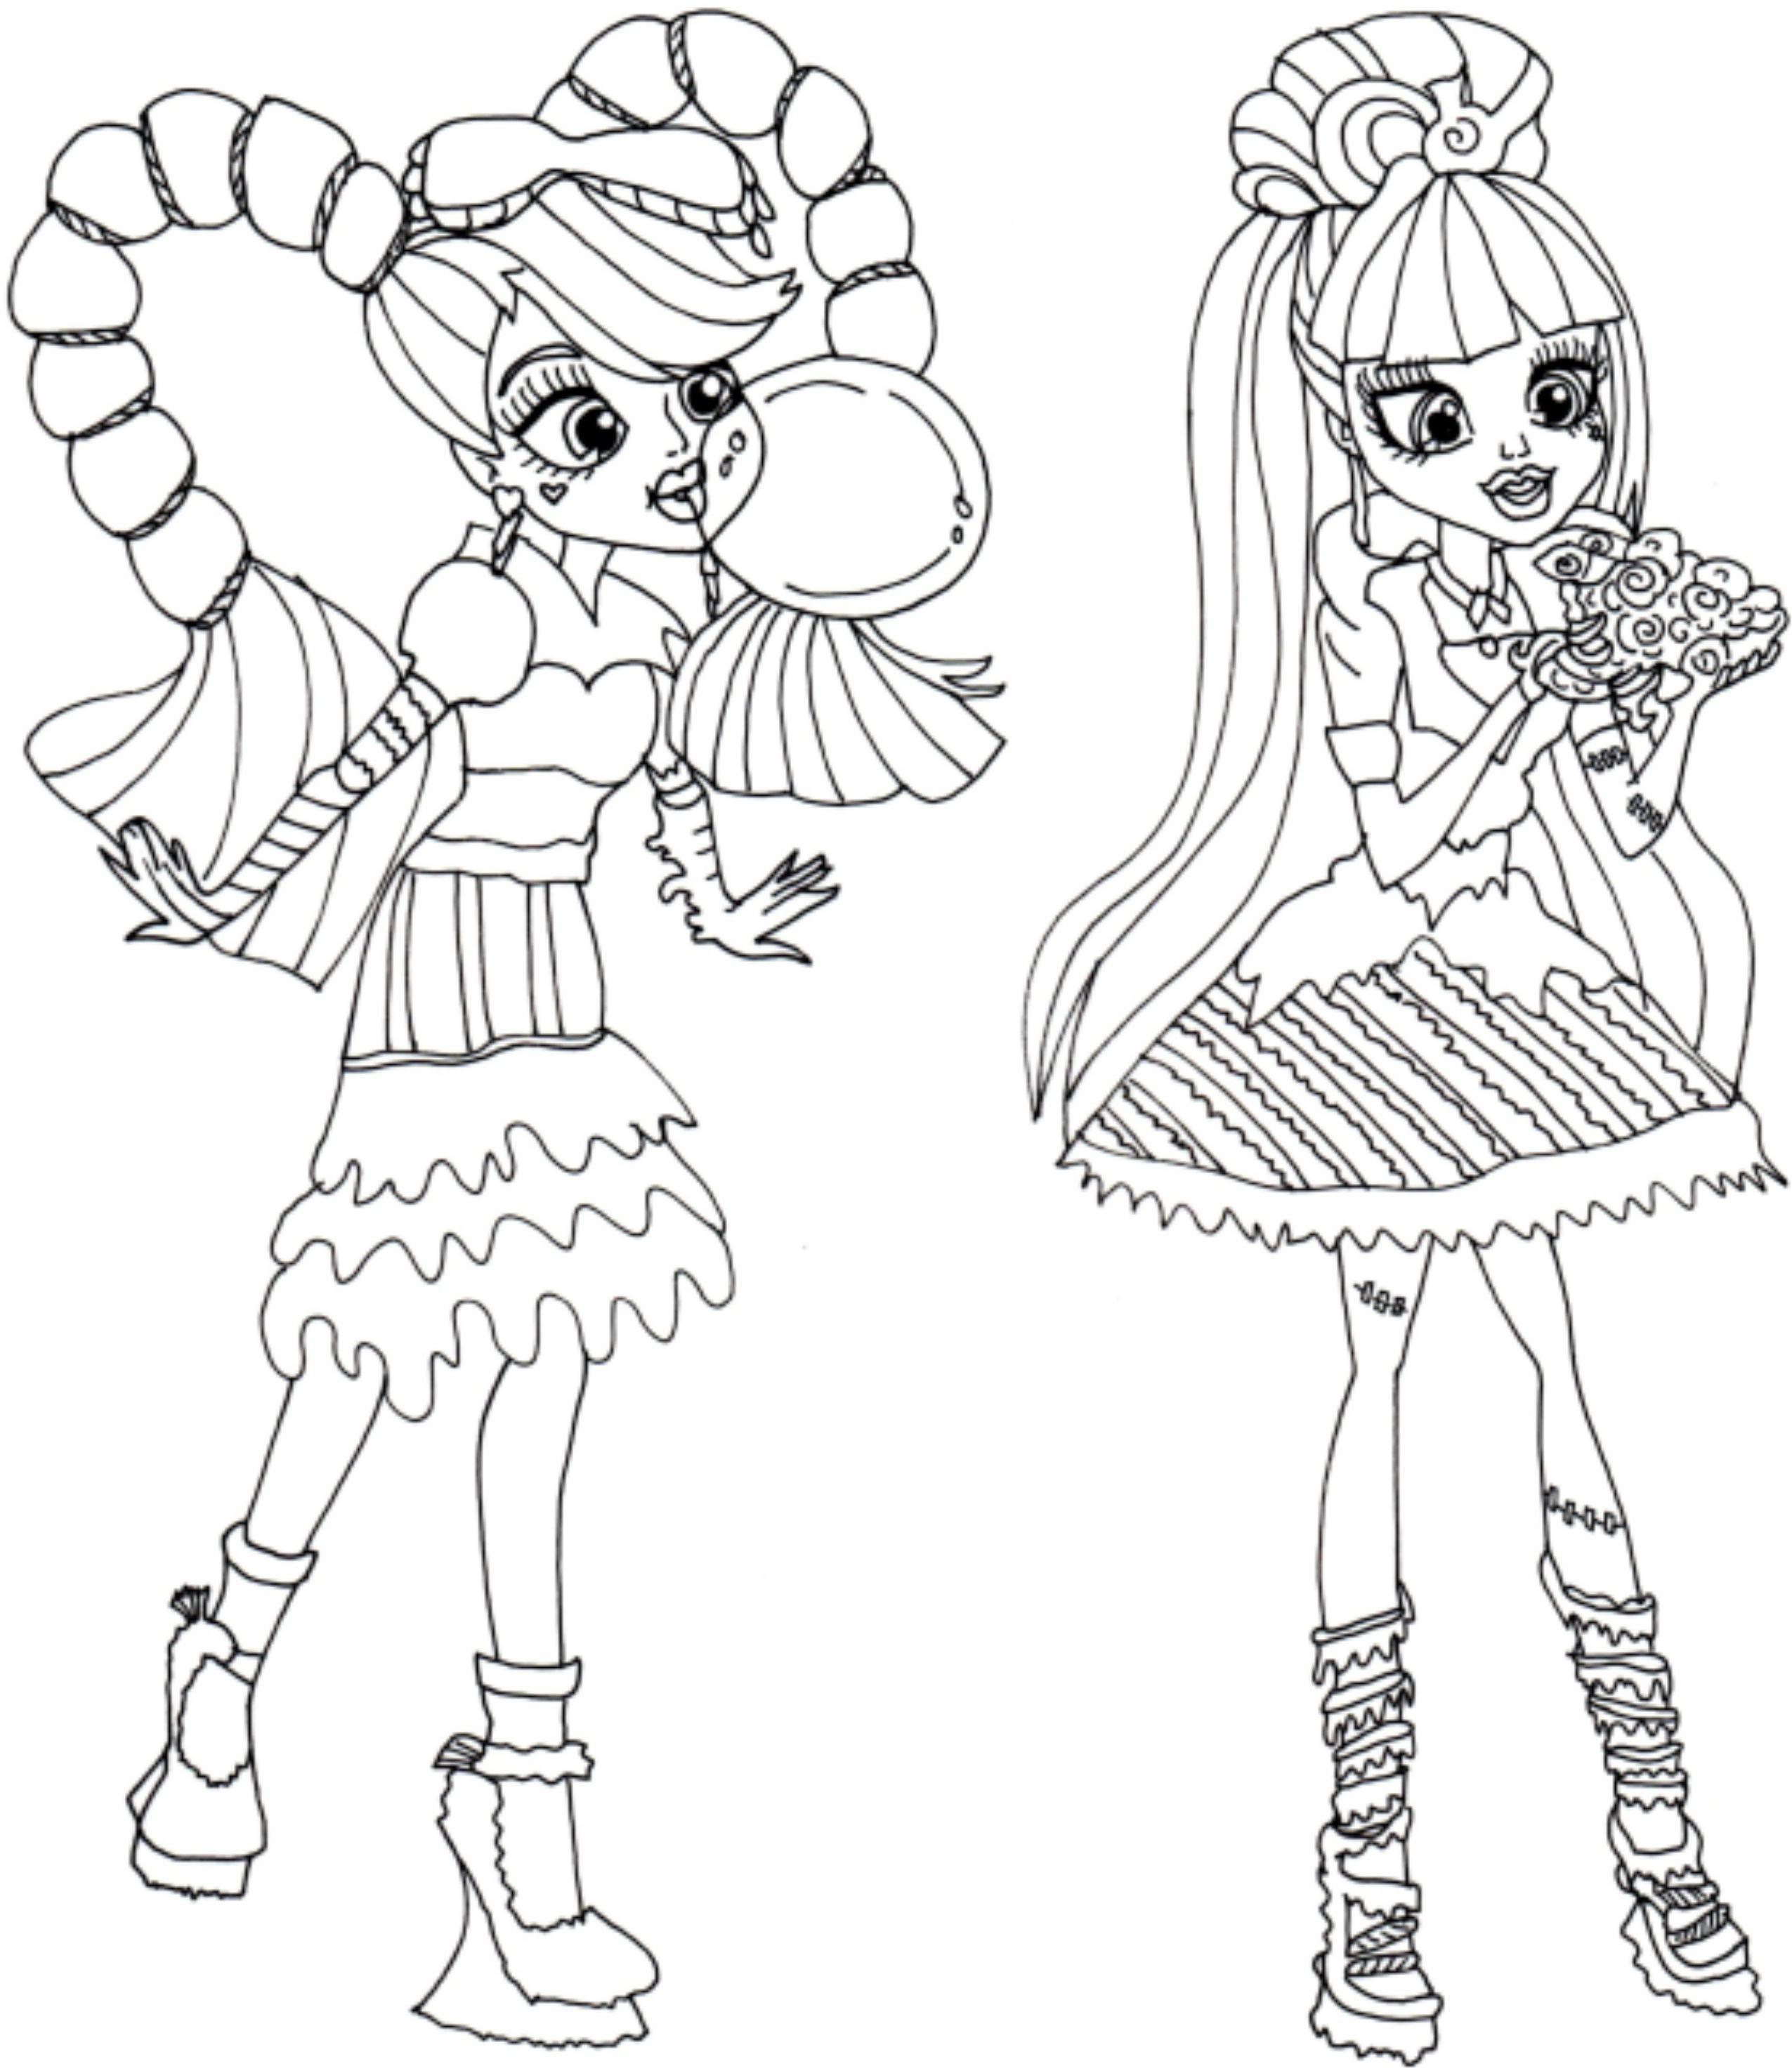 Monster High Bilder Zum Drucken Neu Ausmalbilder Zum Ausdrucken Disney Prinzessin Luxus Awesome Genial Stock